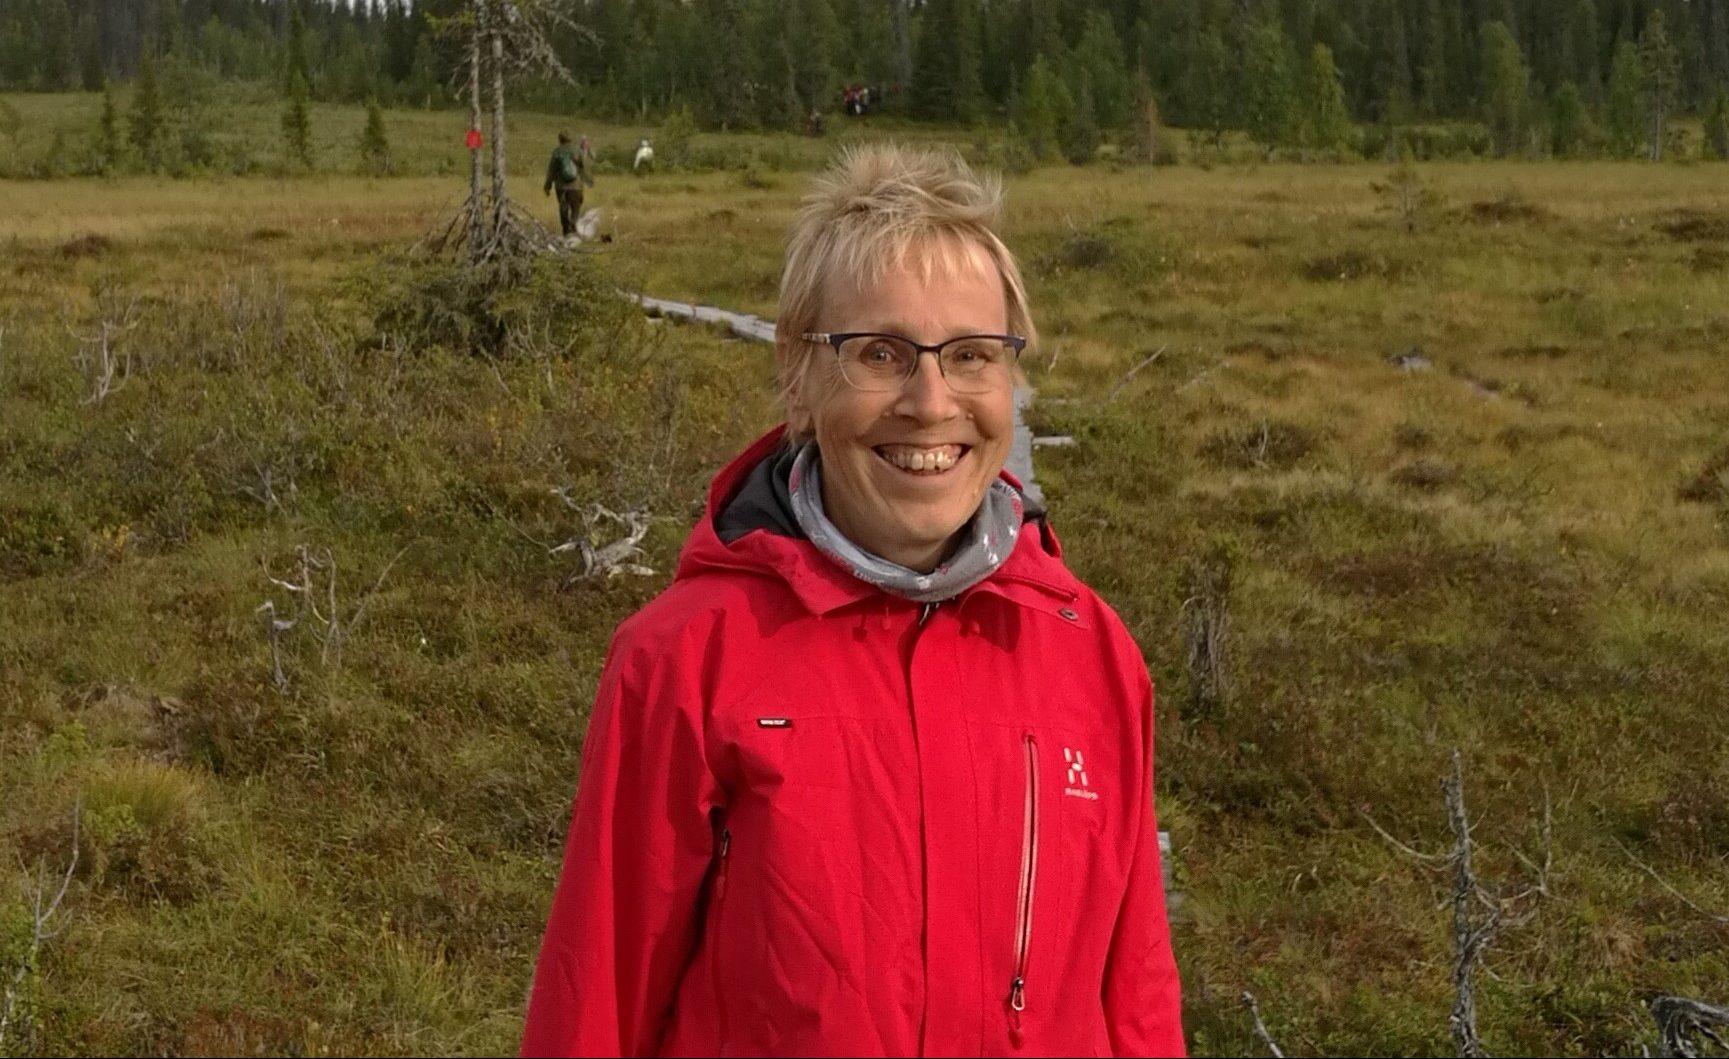 Nainen seisoo luonnossa ja hymyilee.